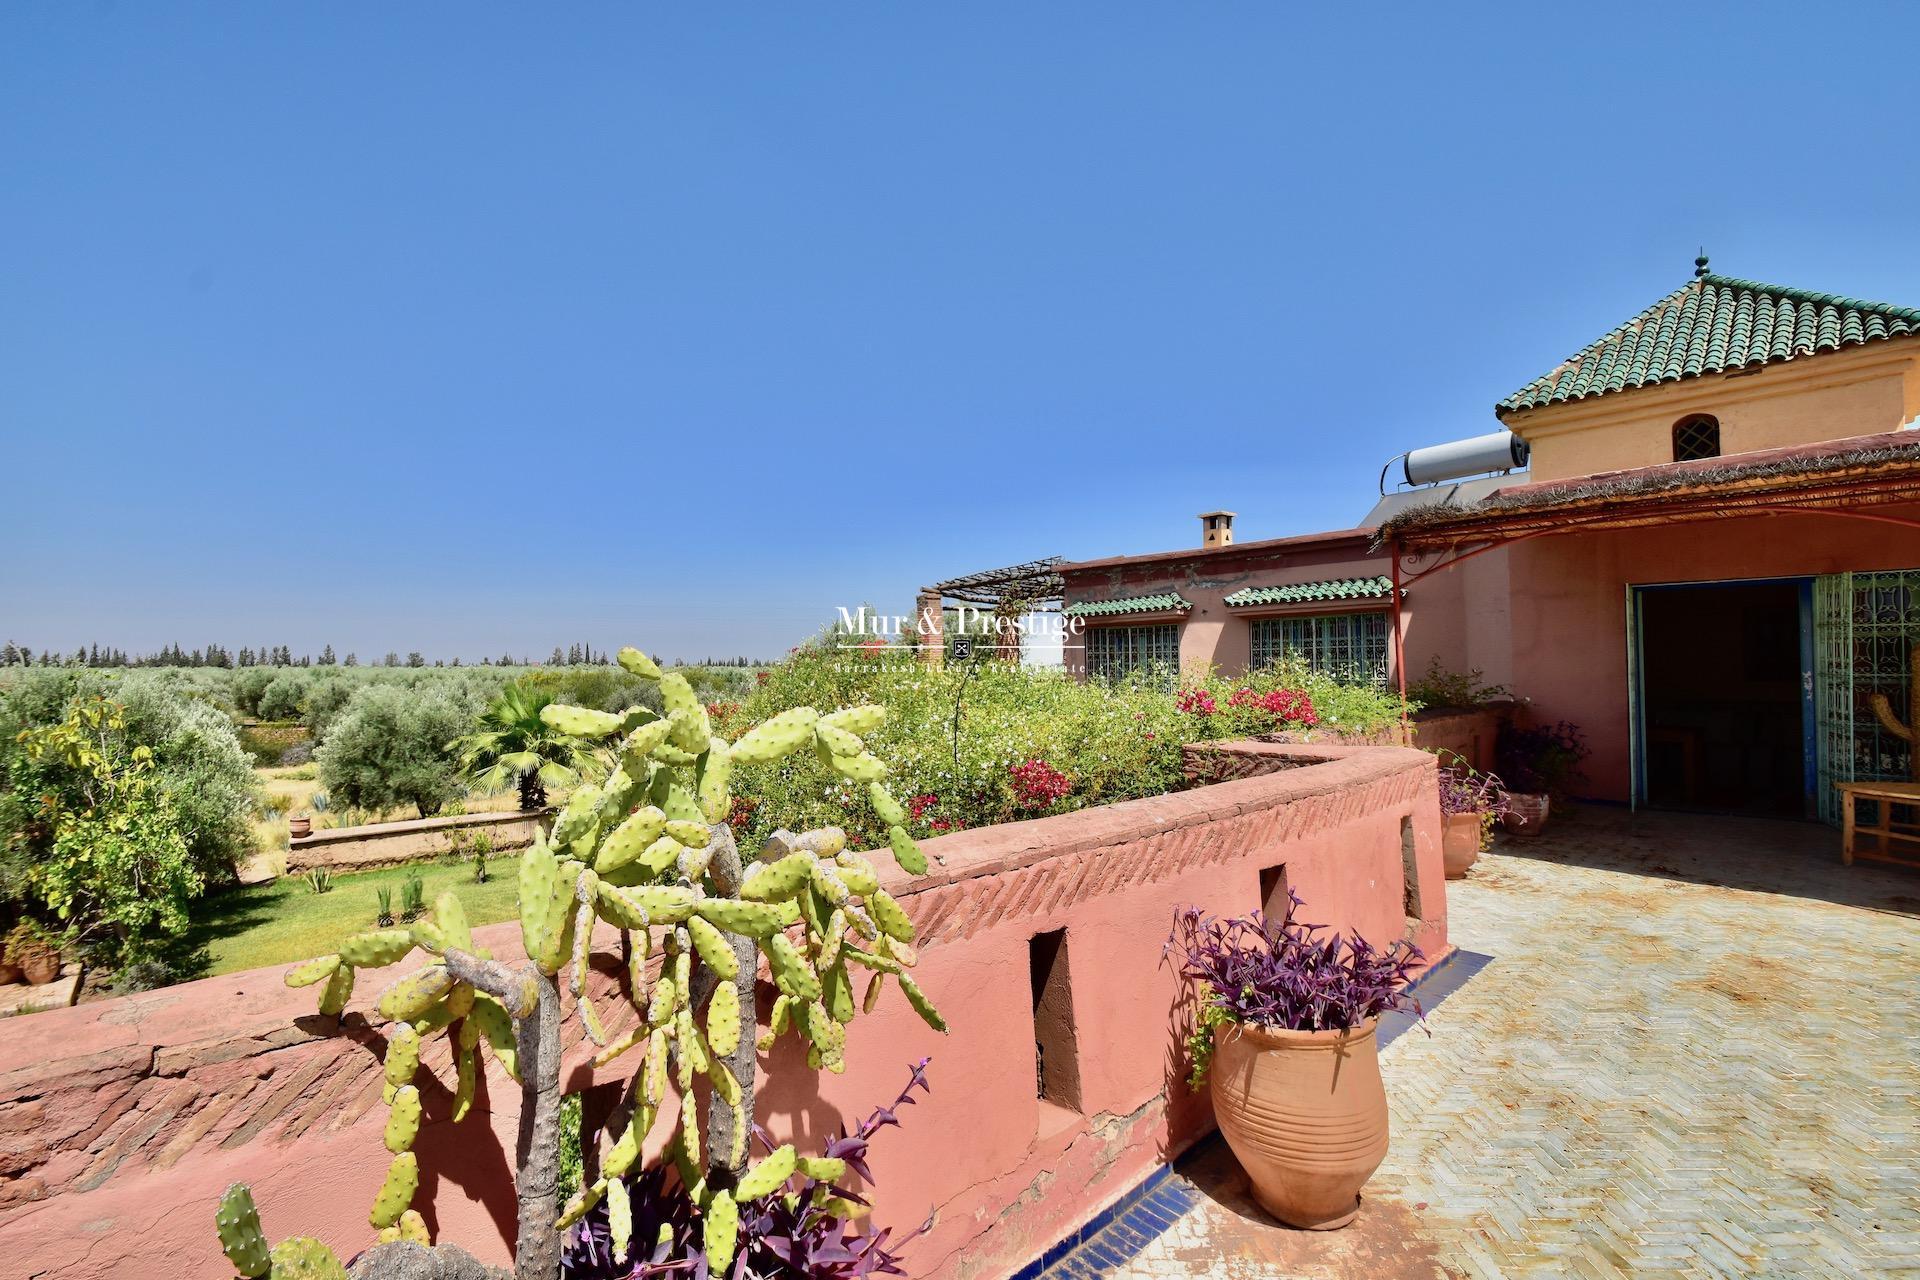 Maison coup de cœur des années 60 à vendre à Marrakech